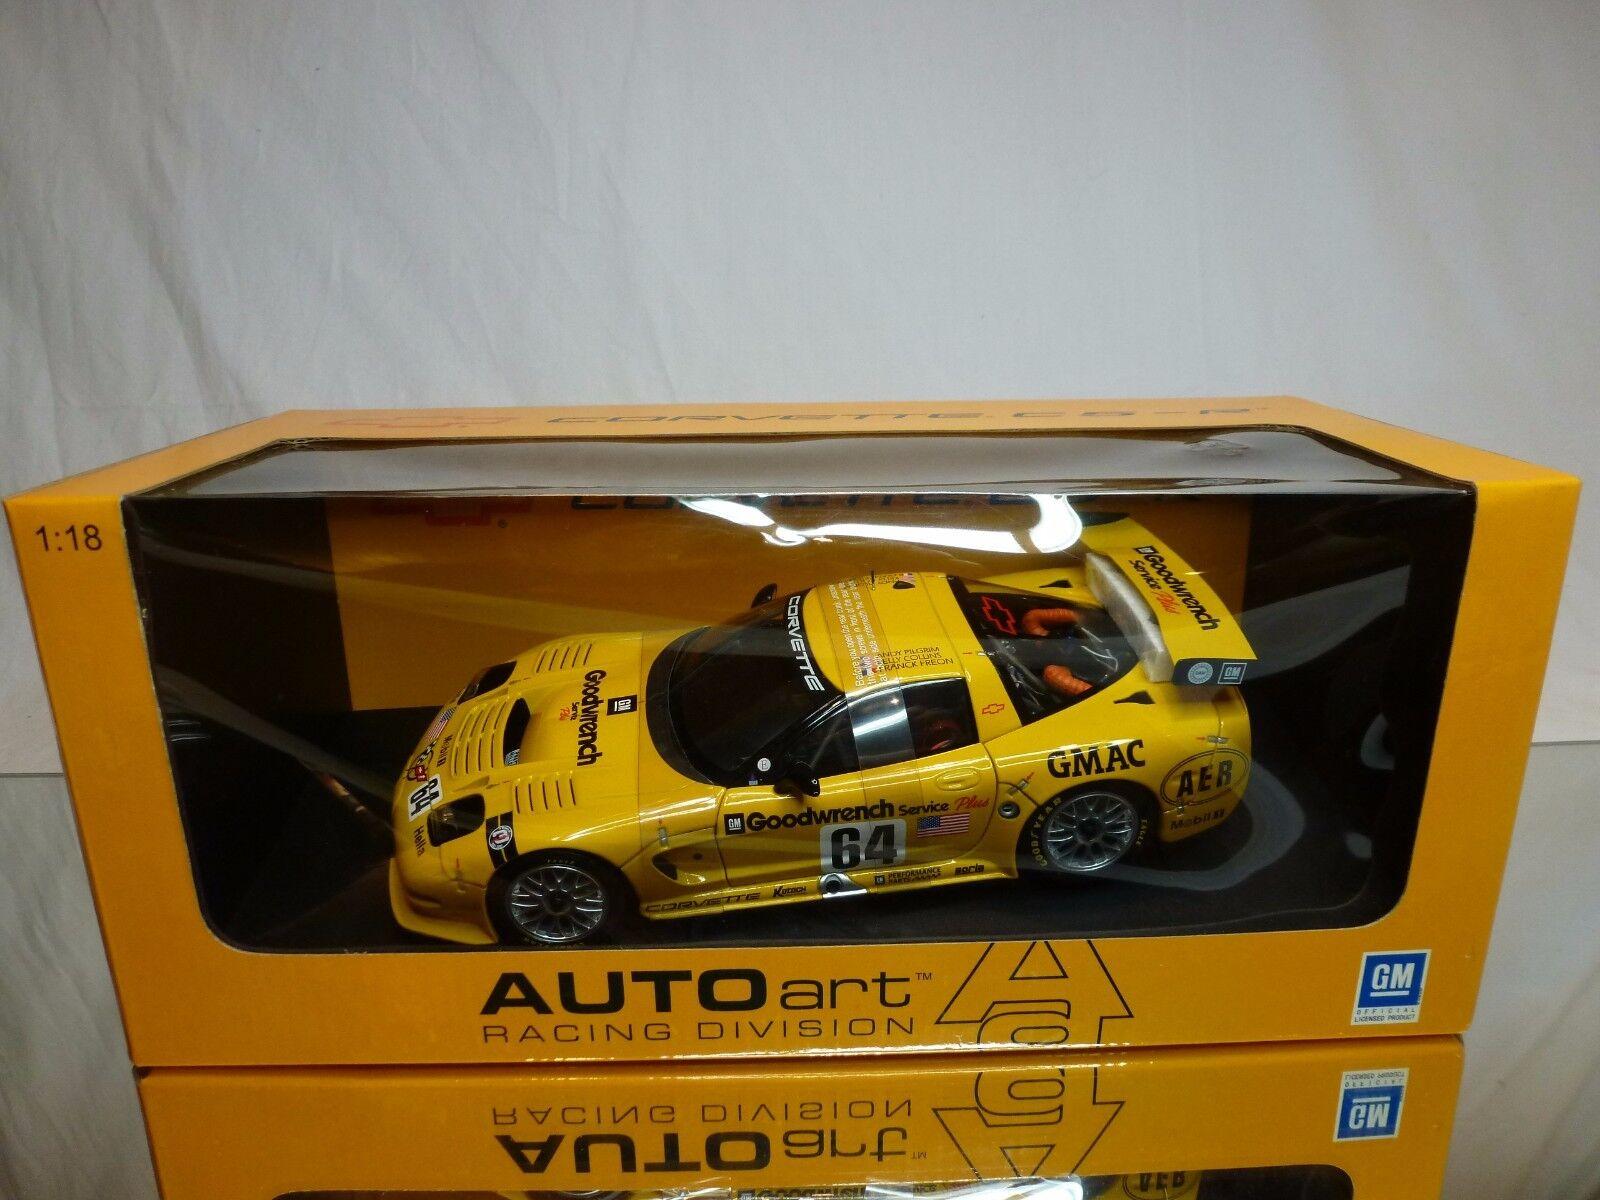 AUTOART 80107 CORVETTE C5-R LE MANS 2001 - 1 18 - BOXED + TRANSPORT STRAPS CAR